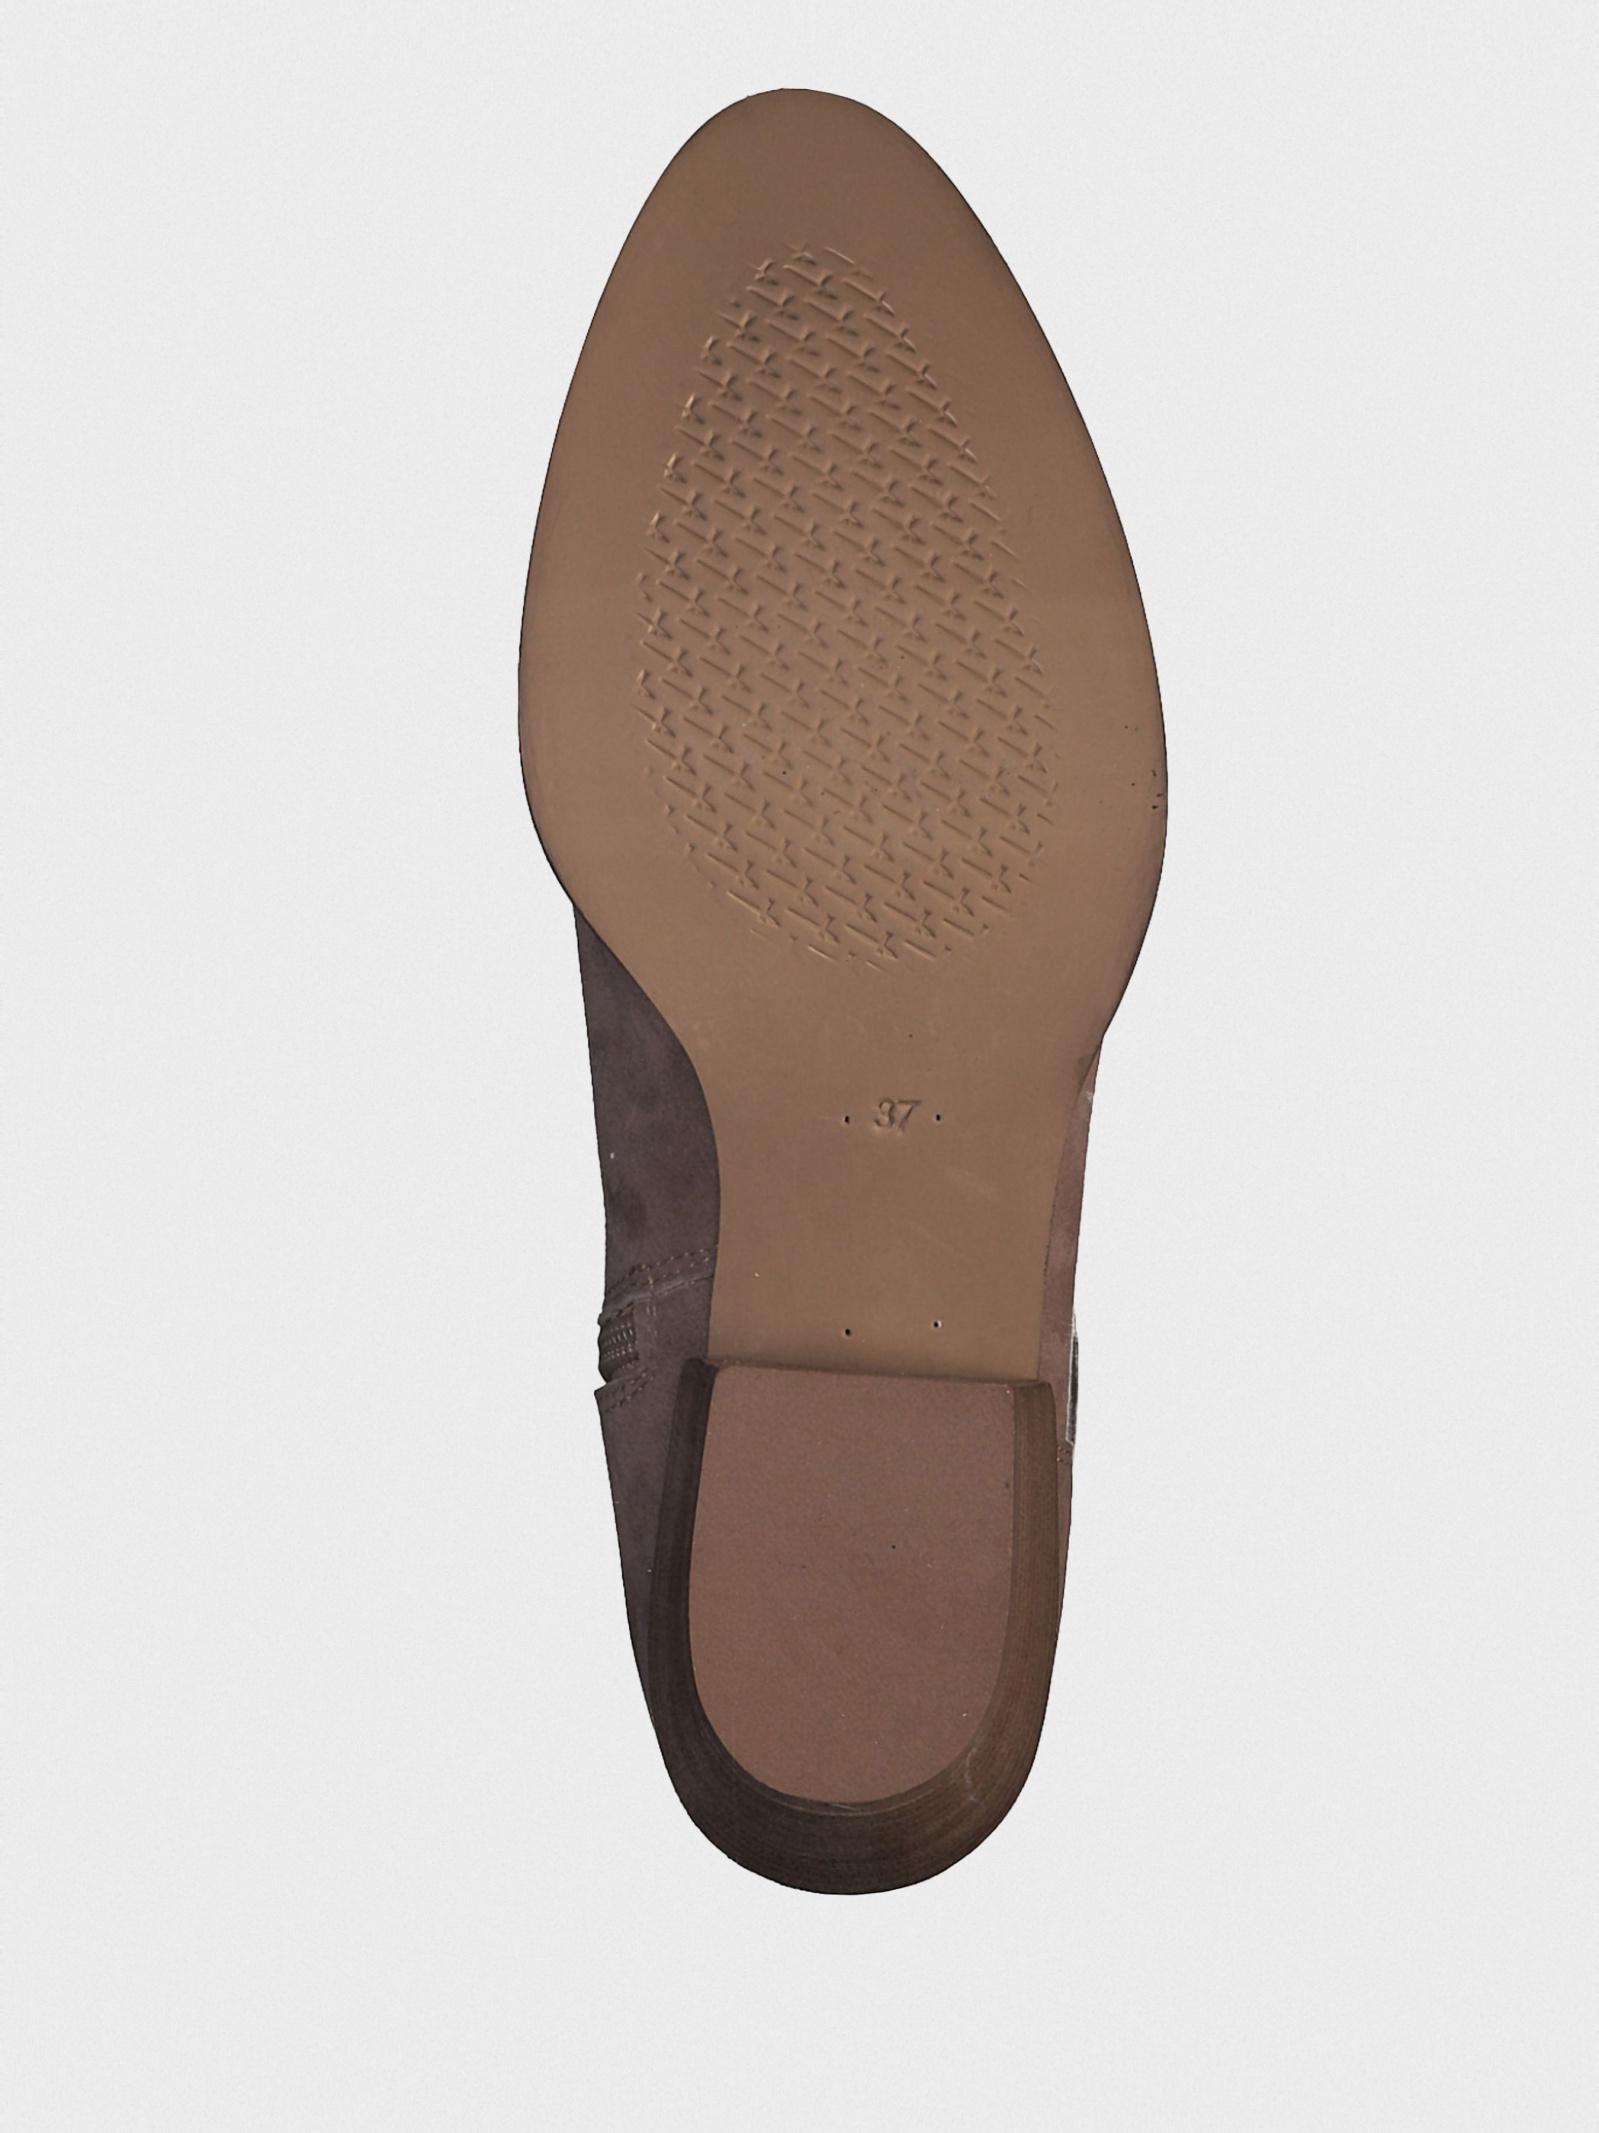 Сапоги для женщин Tamaris IS788 размерная сетка обуви, 2017